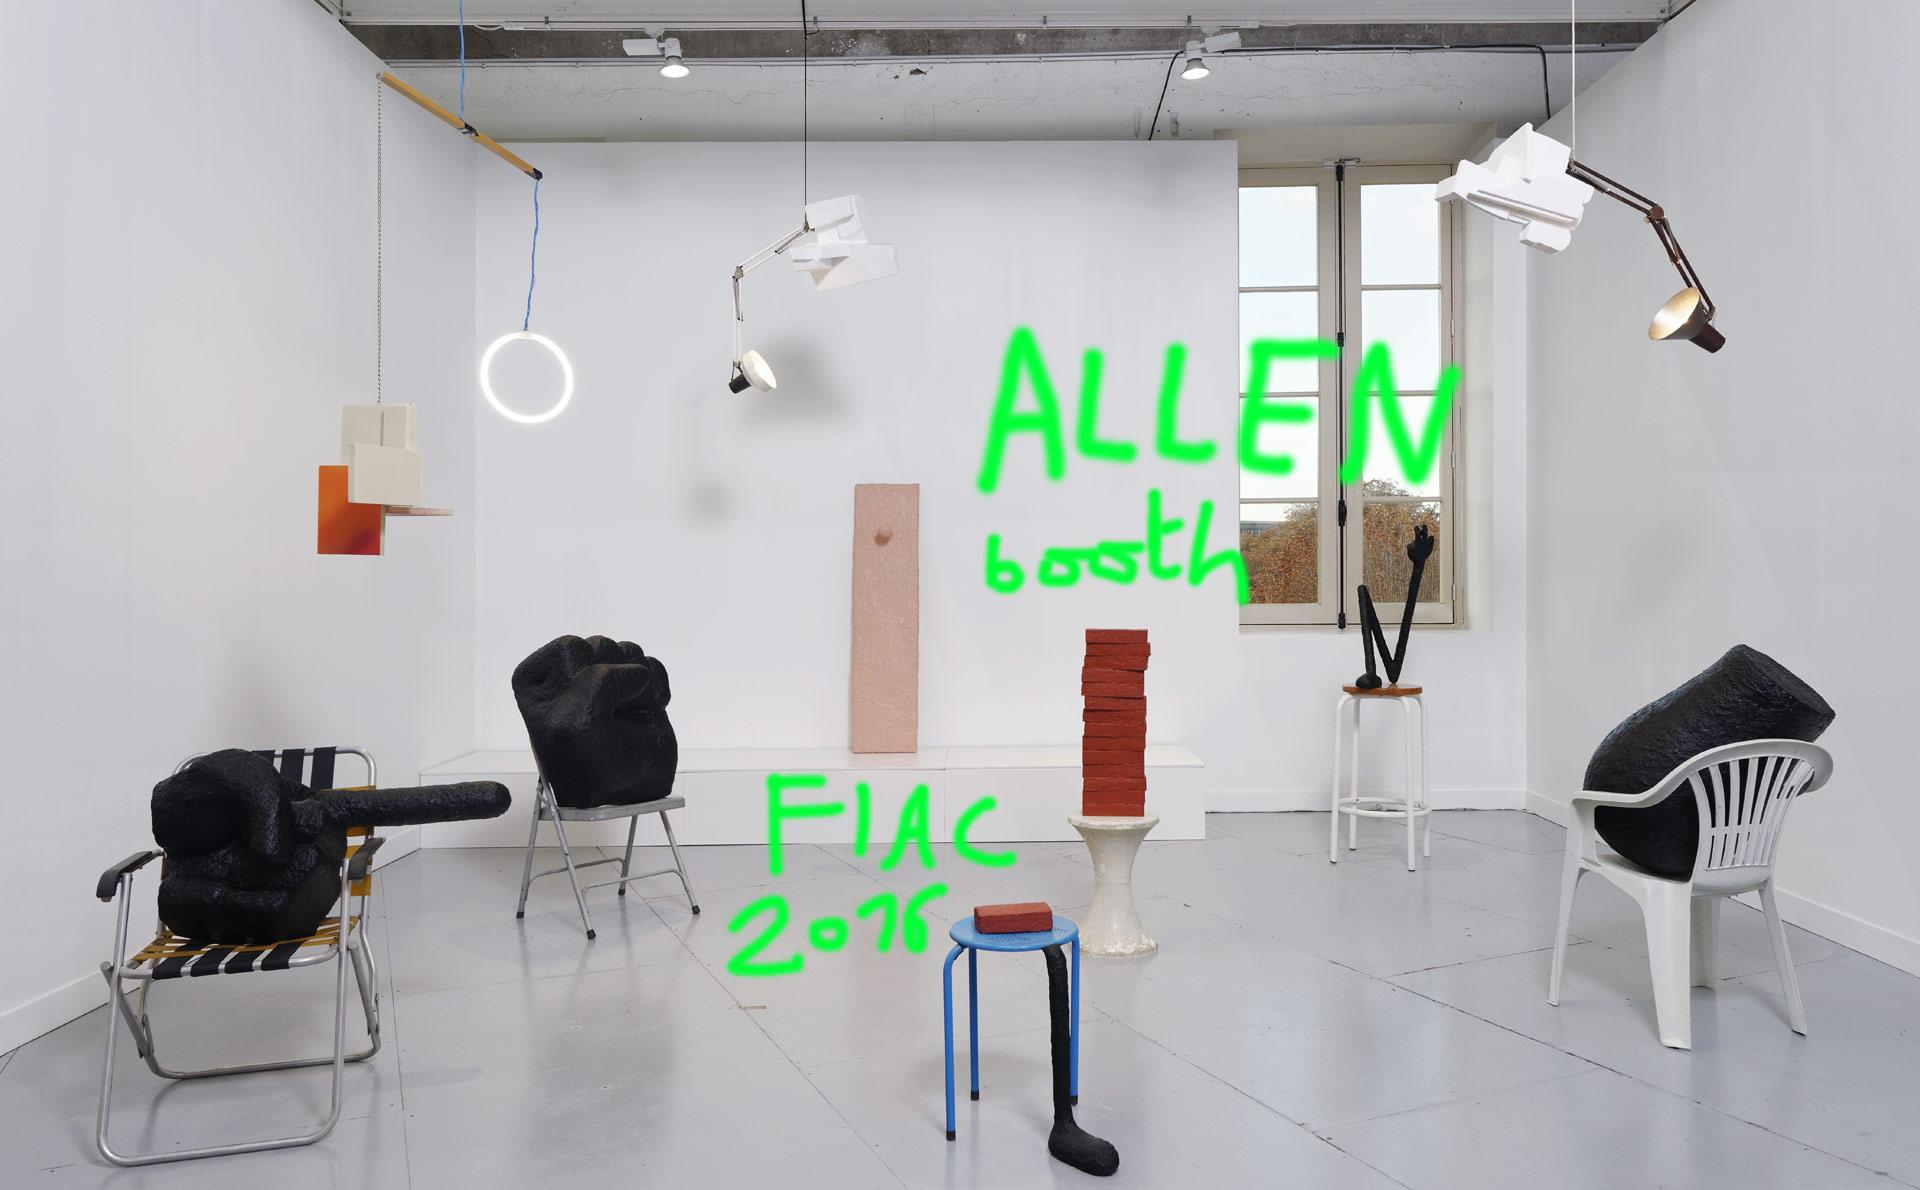 fiac-2016-allen-003-small